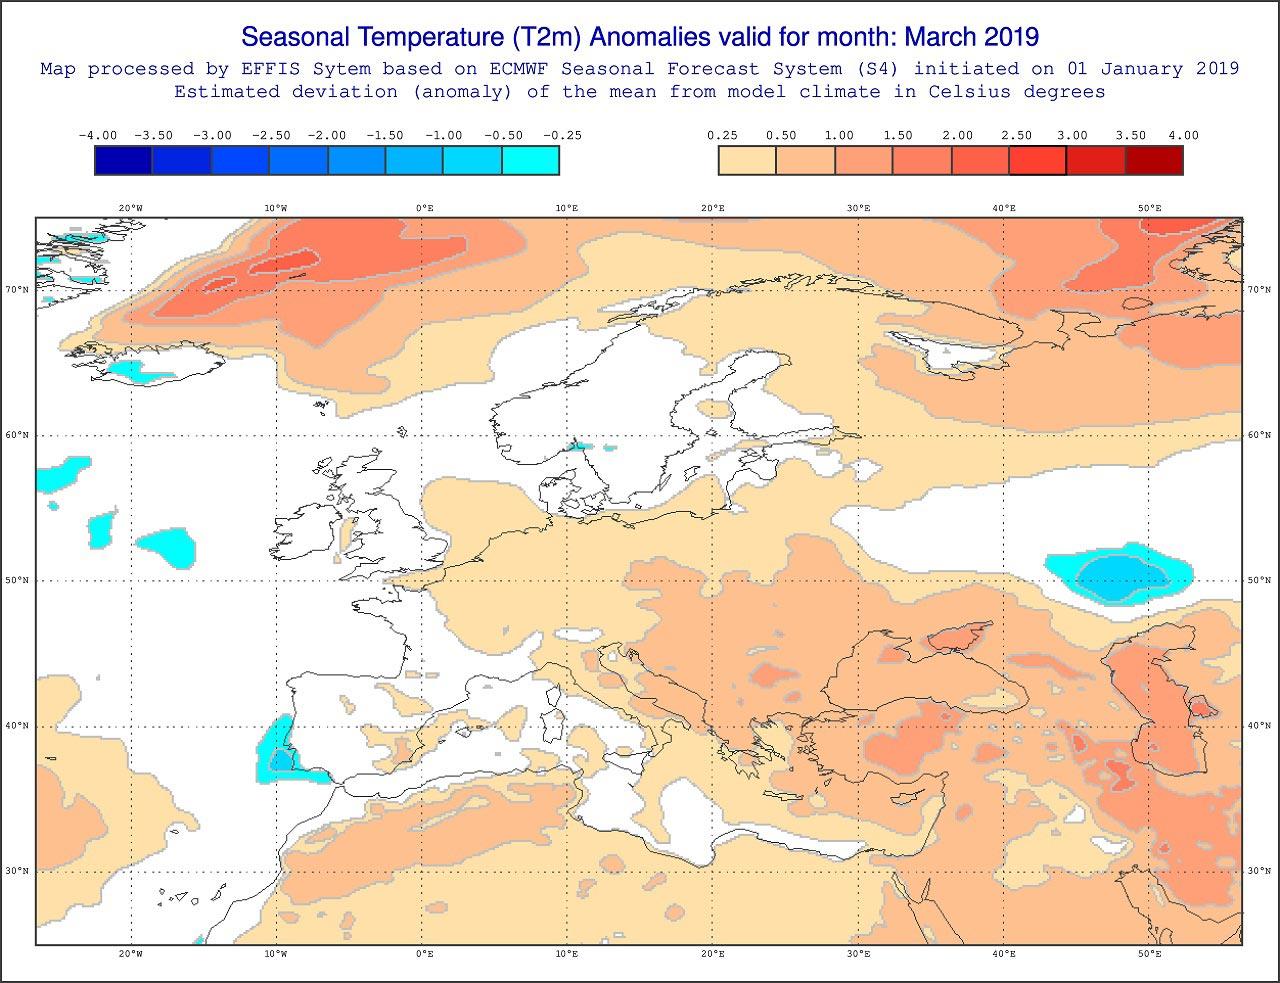 Anomalie di temperatura previste dal modello ECMWF per l'inizio della primavera - effis.jrc.ec.europa.eu.jpg